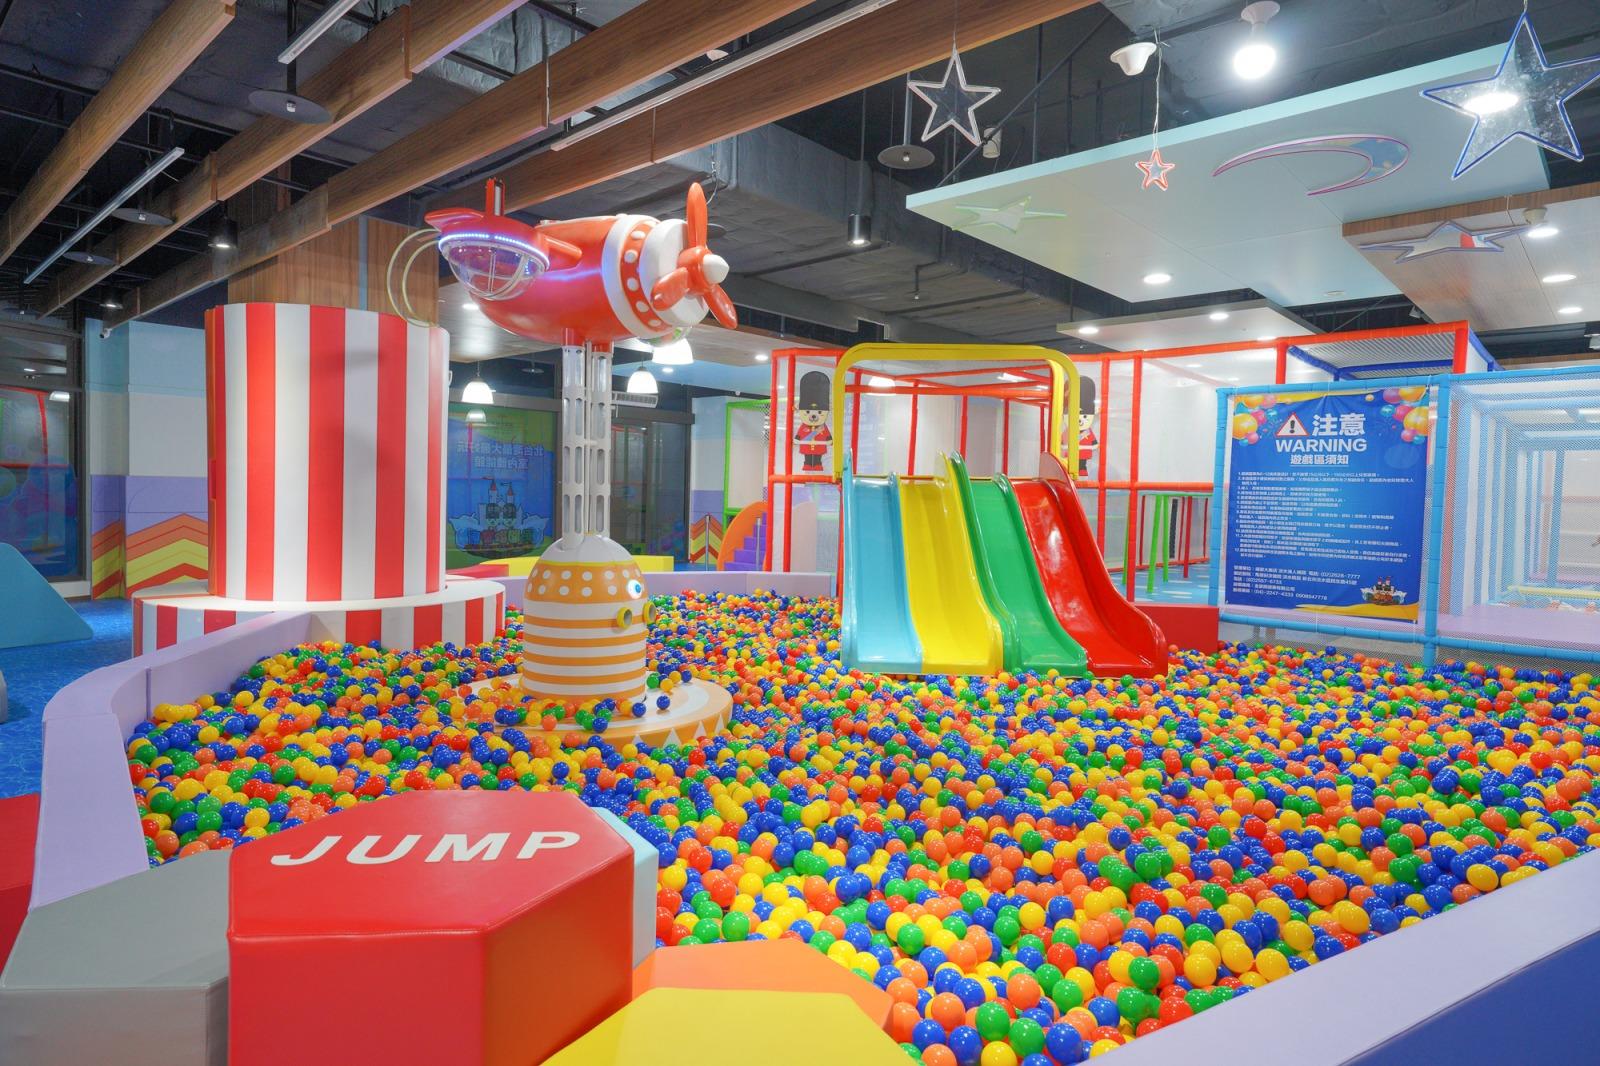 新北淡水景點》勇闖歡樂島,淡水福容大飯店室內300坪二層樓遊樂設施,六大主題:攀爬迷宮、賽車、彈跳床、彩虹溜滑梯,超級放電玩到流汗。